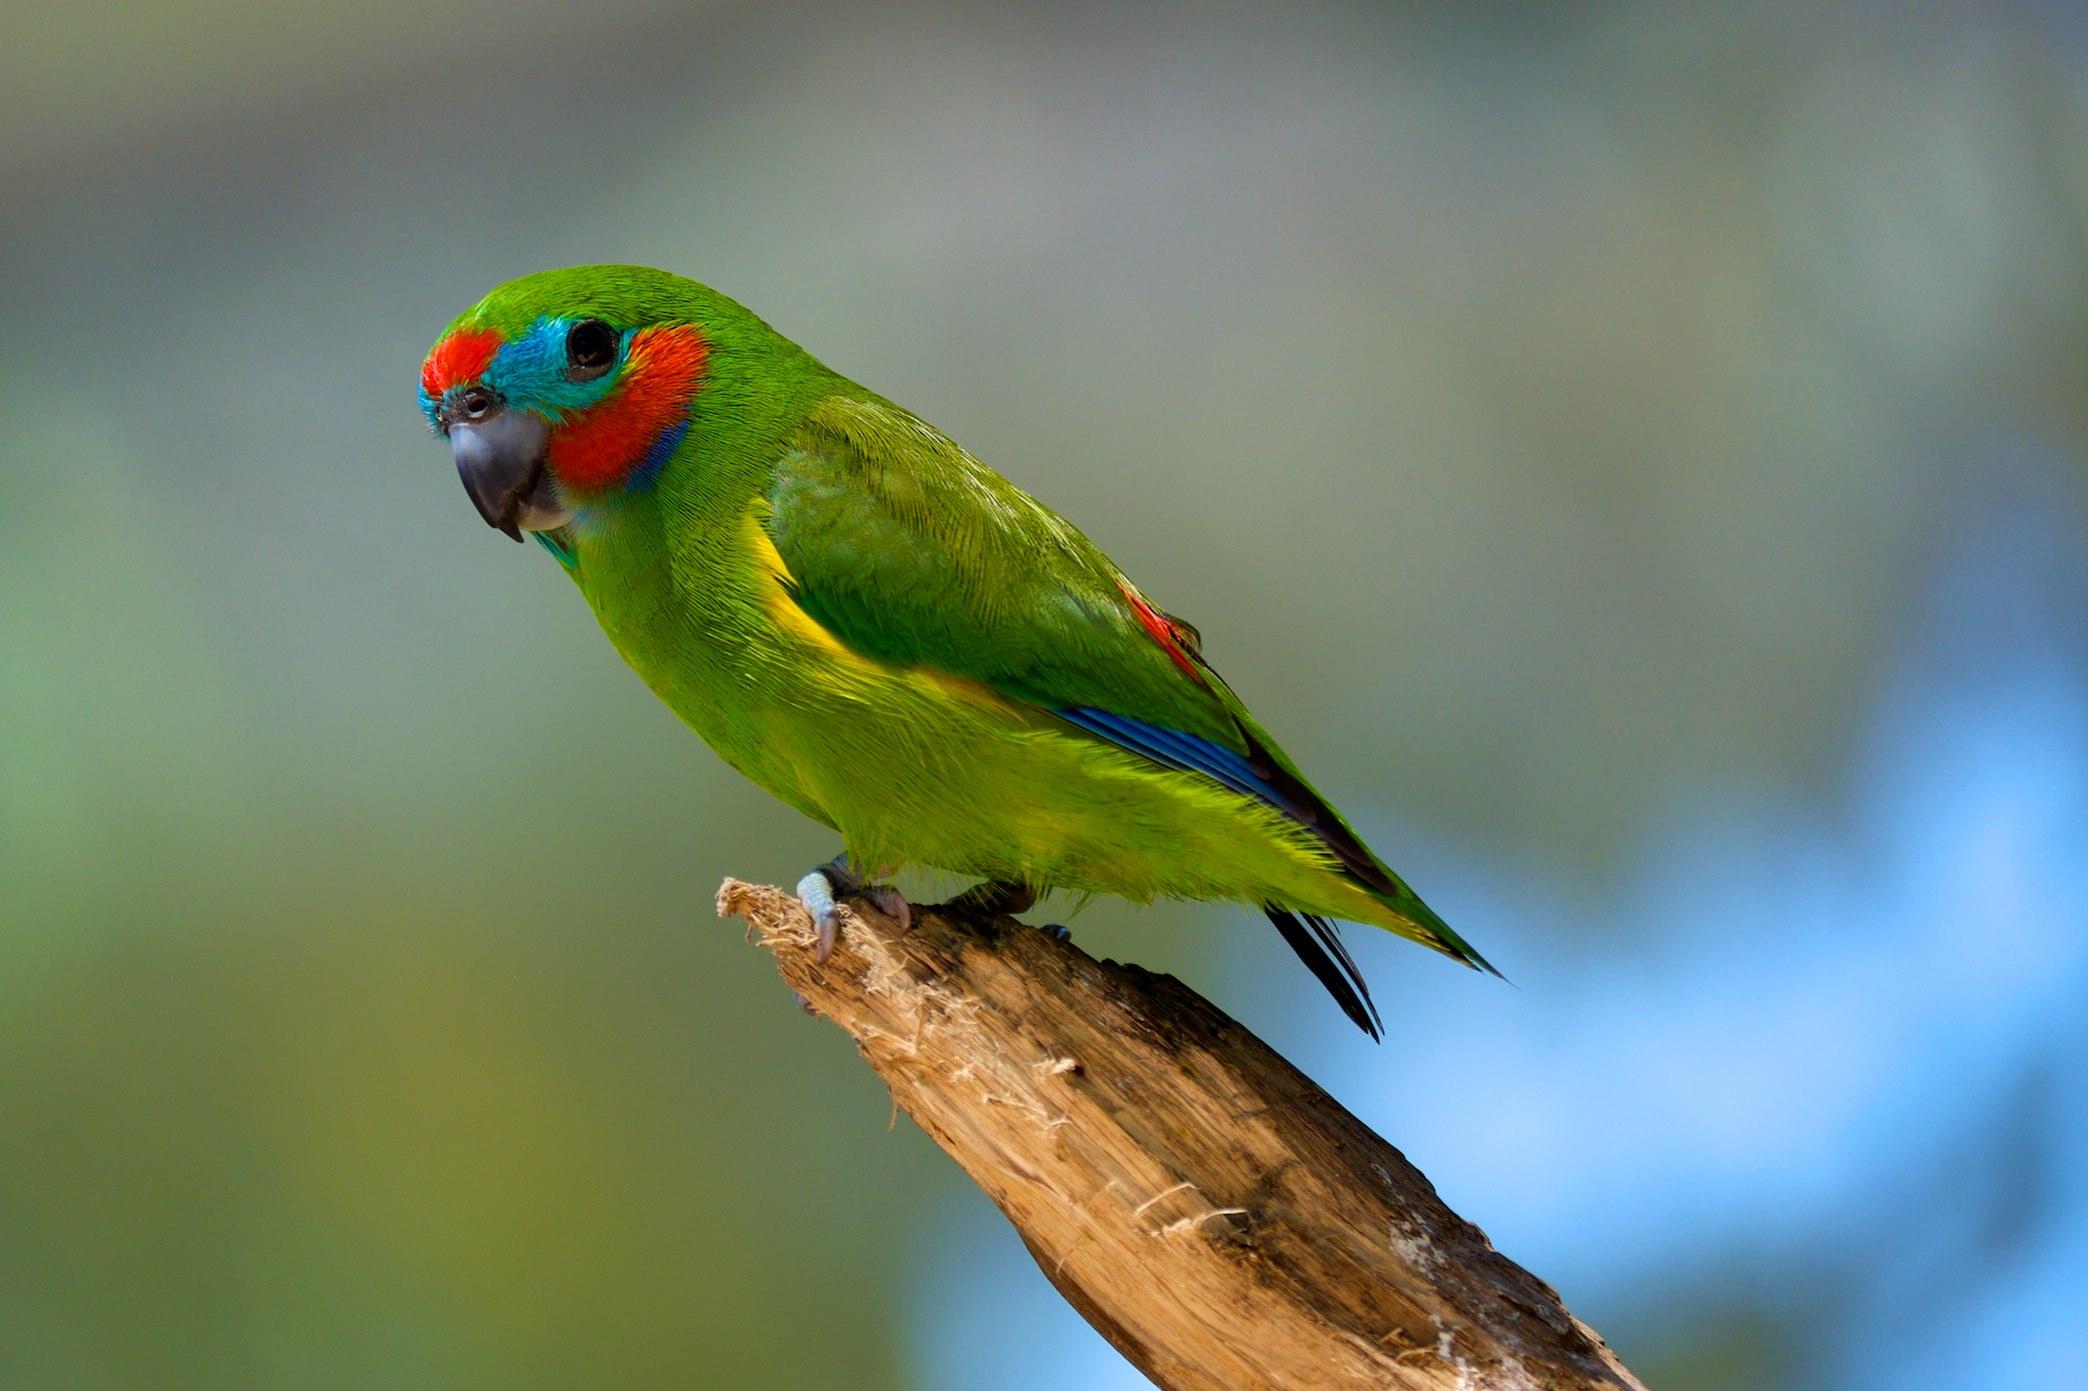 Златобокий фиговый попугайчик фото